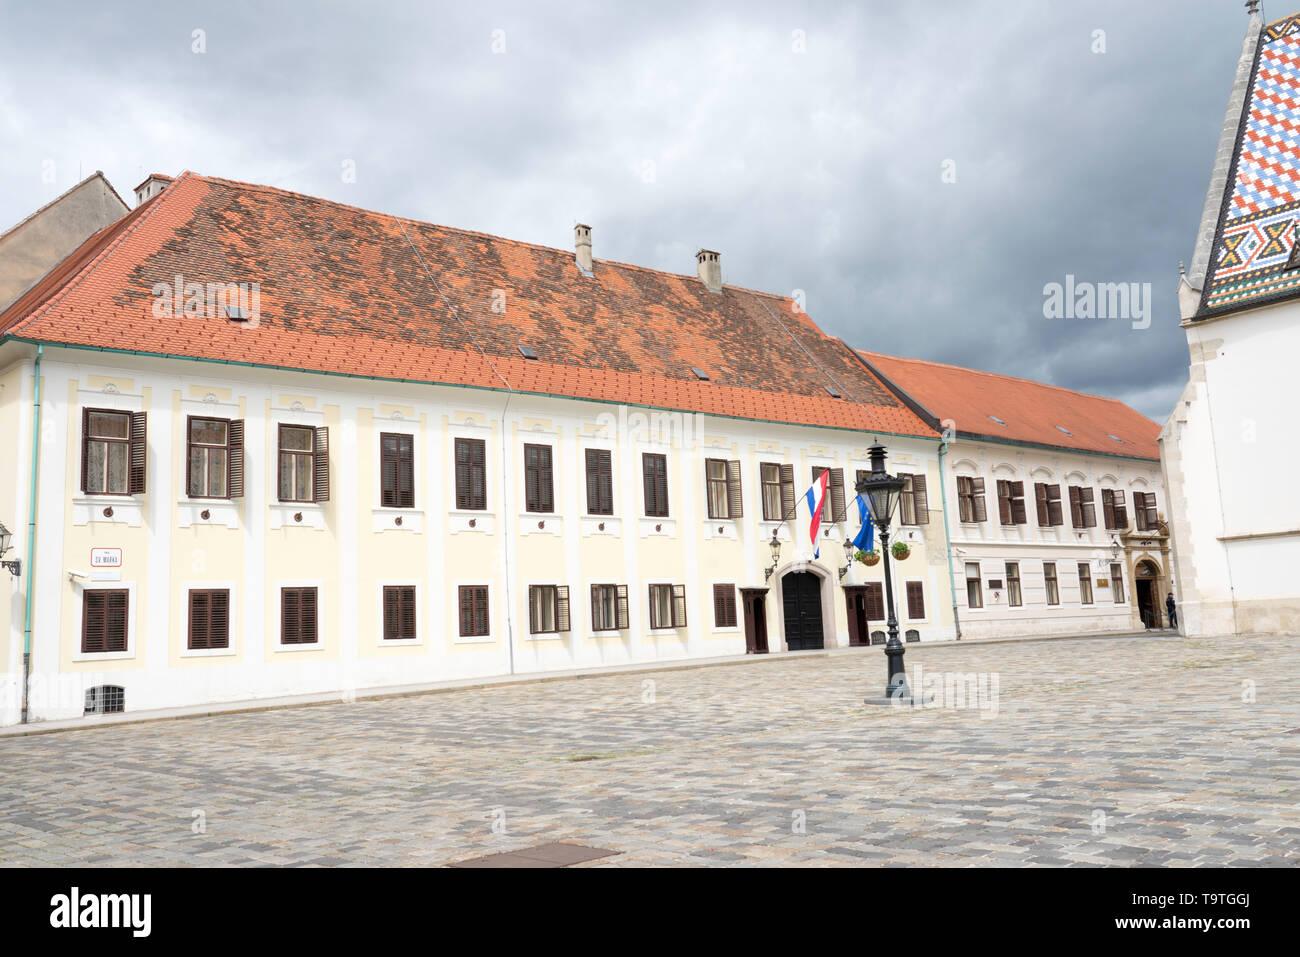 Zagreb, Croacia - Banski dvori sede del Gobierno croata en la Plaza de San Marcos. Imagen De Stock